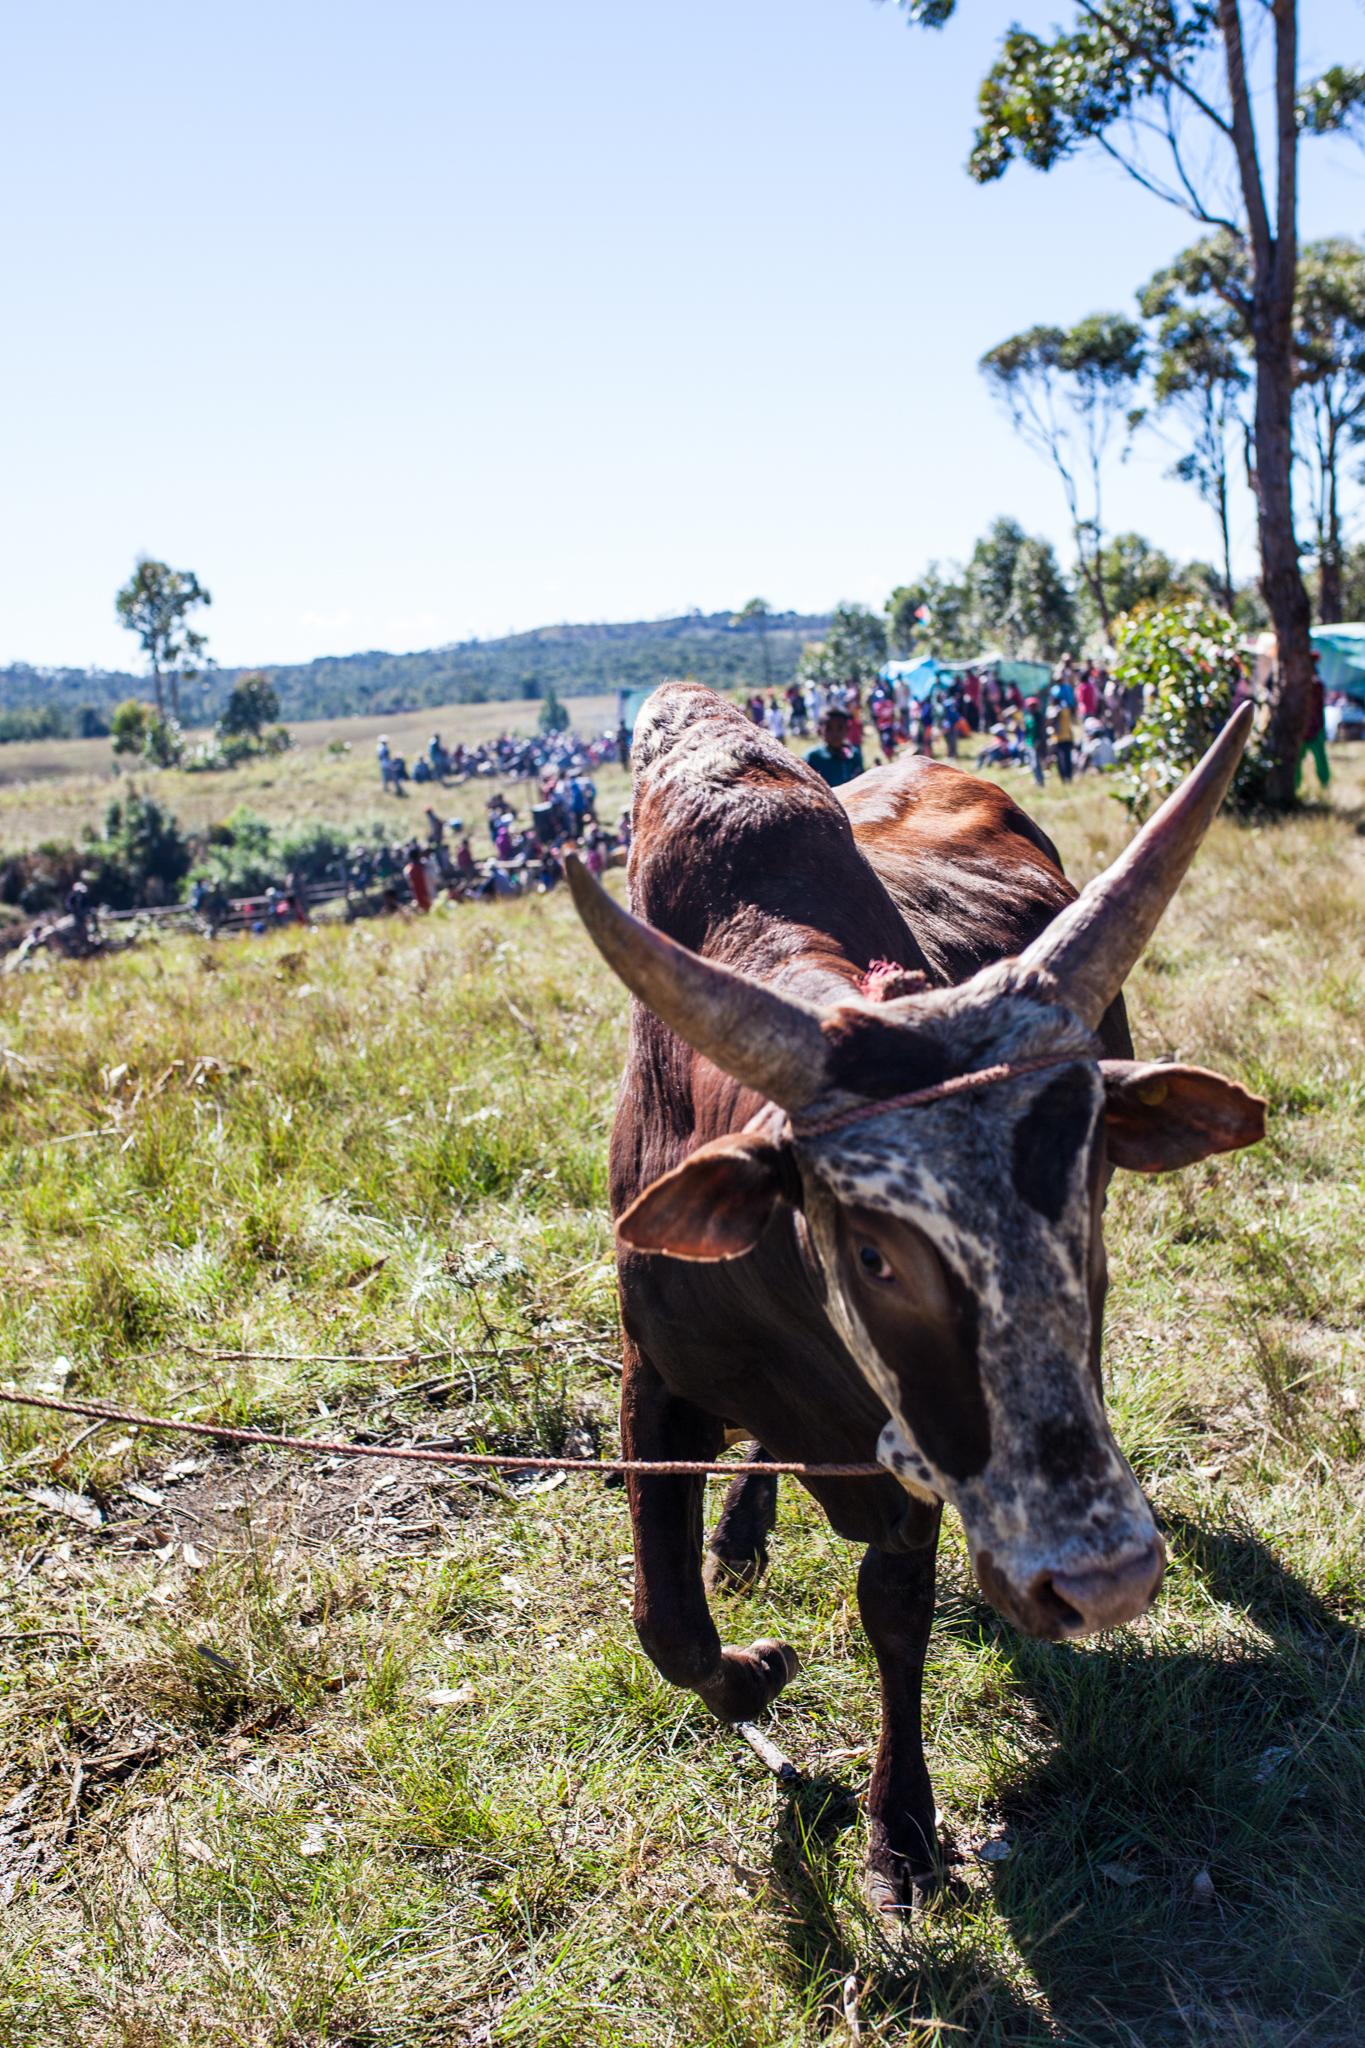 boy vs. Beast - Betsileo bull wrestling